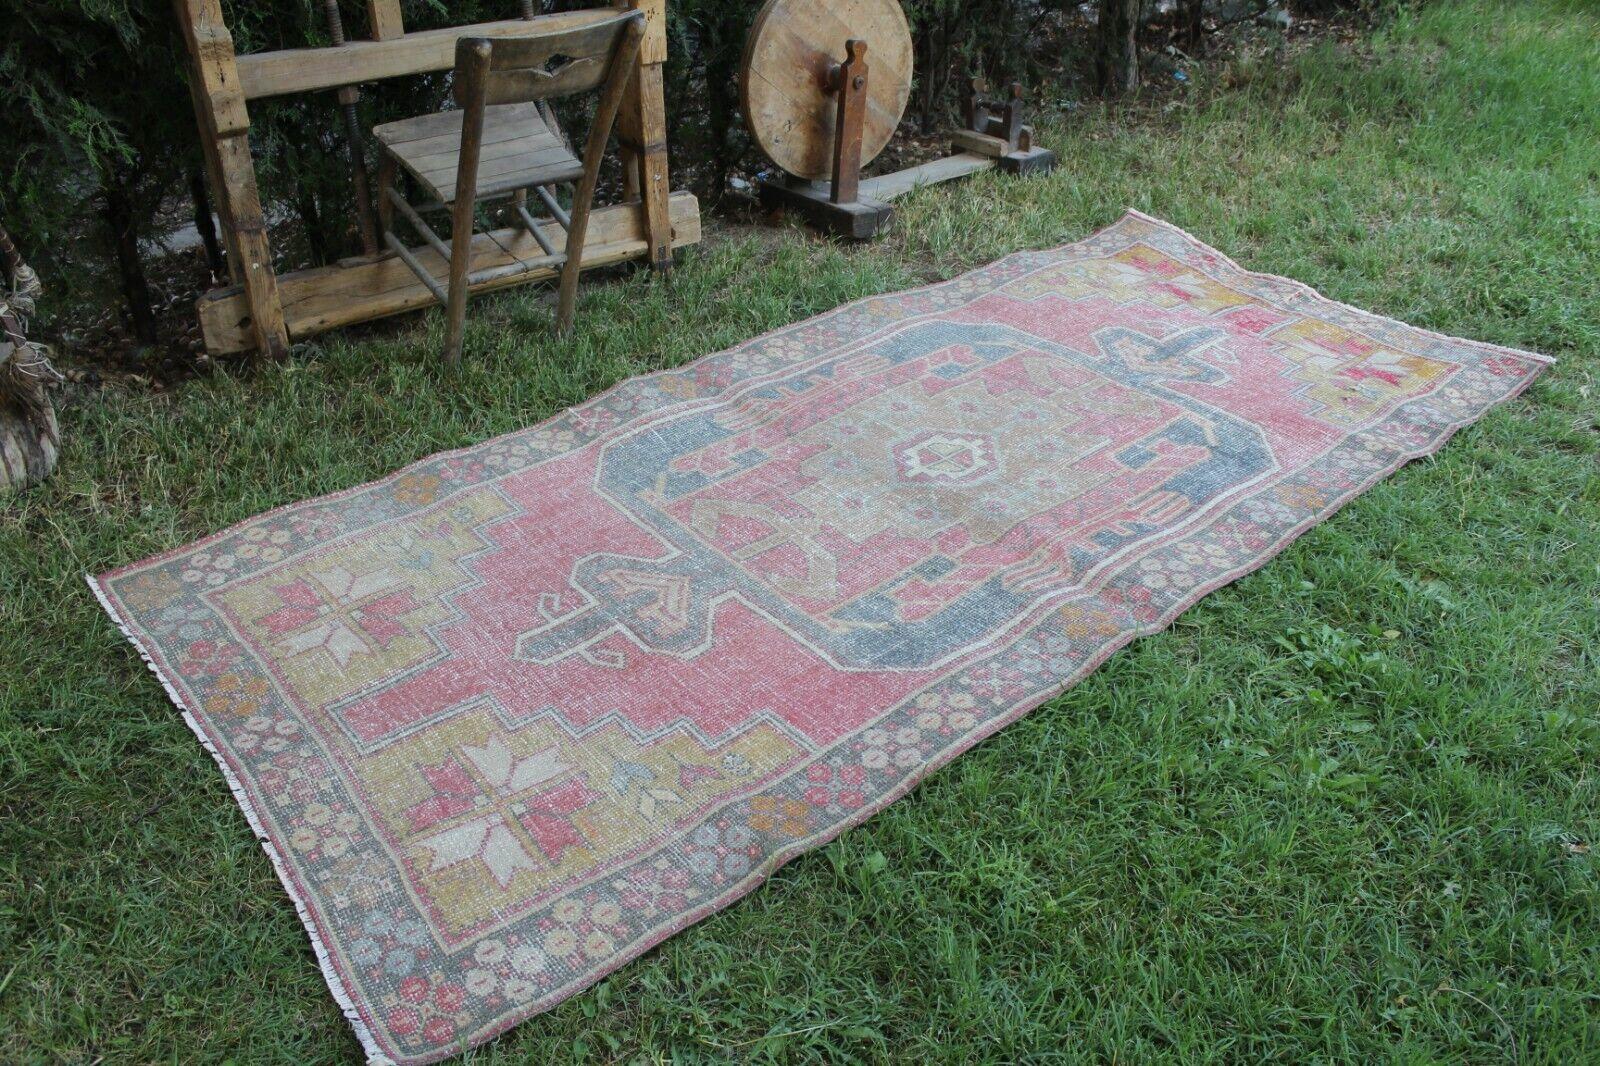 Vintage Handmade Turkish Oushak Area Rug 9'x4'2